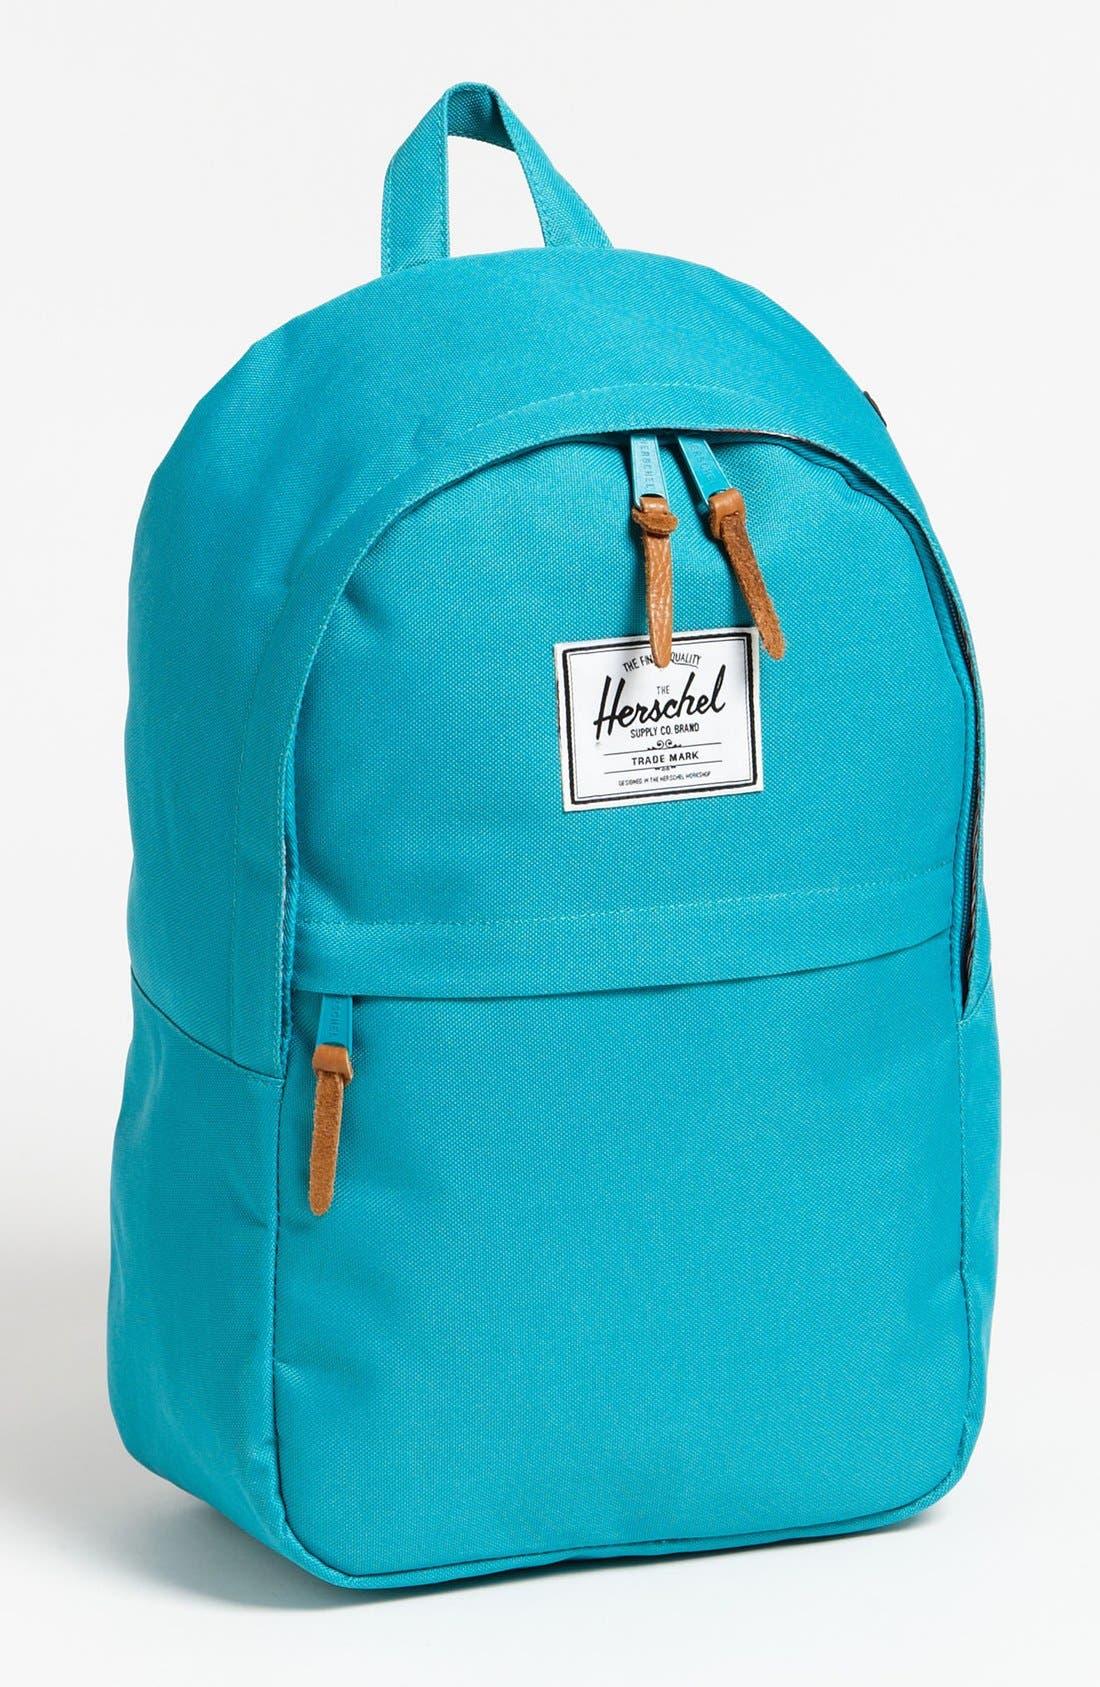 Alternate Image 1 Selected - Herschel Supply Co. 'Standard' Backpack